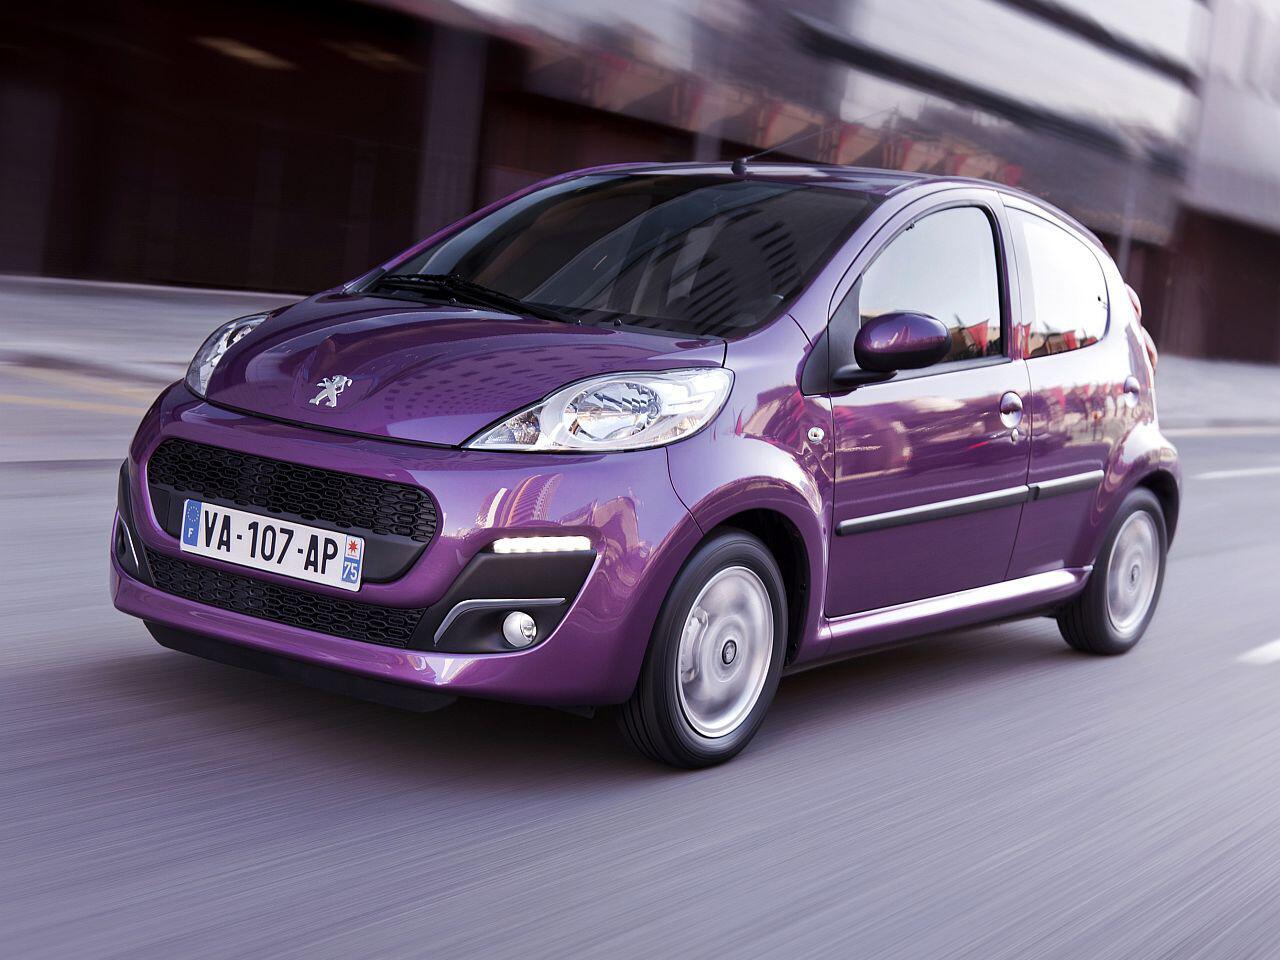 Bild zu Platz 8: Peugeot 107